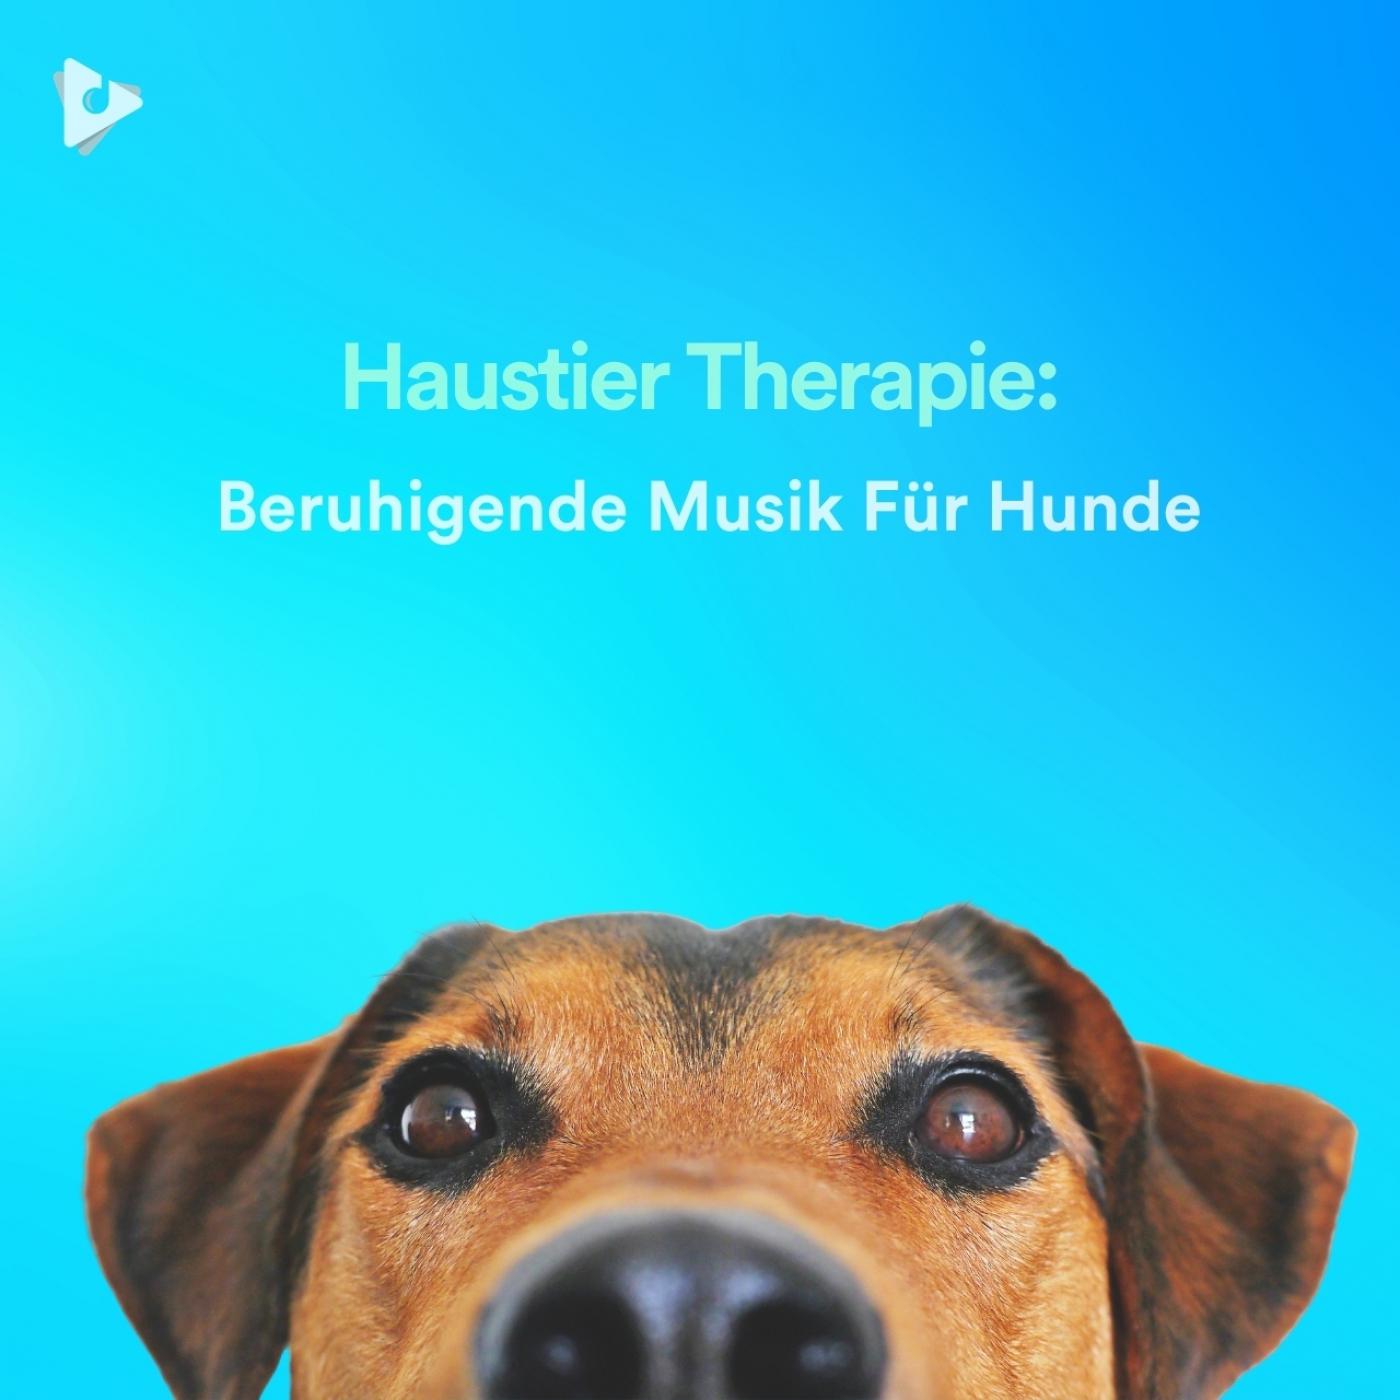 Haustier Therapie: Beruhigende Musik Für Hunde